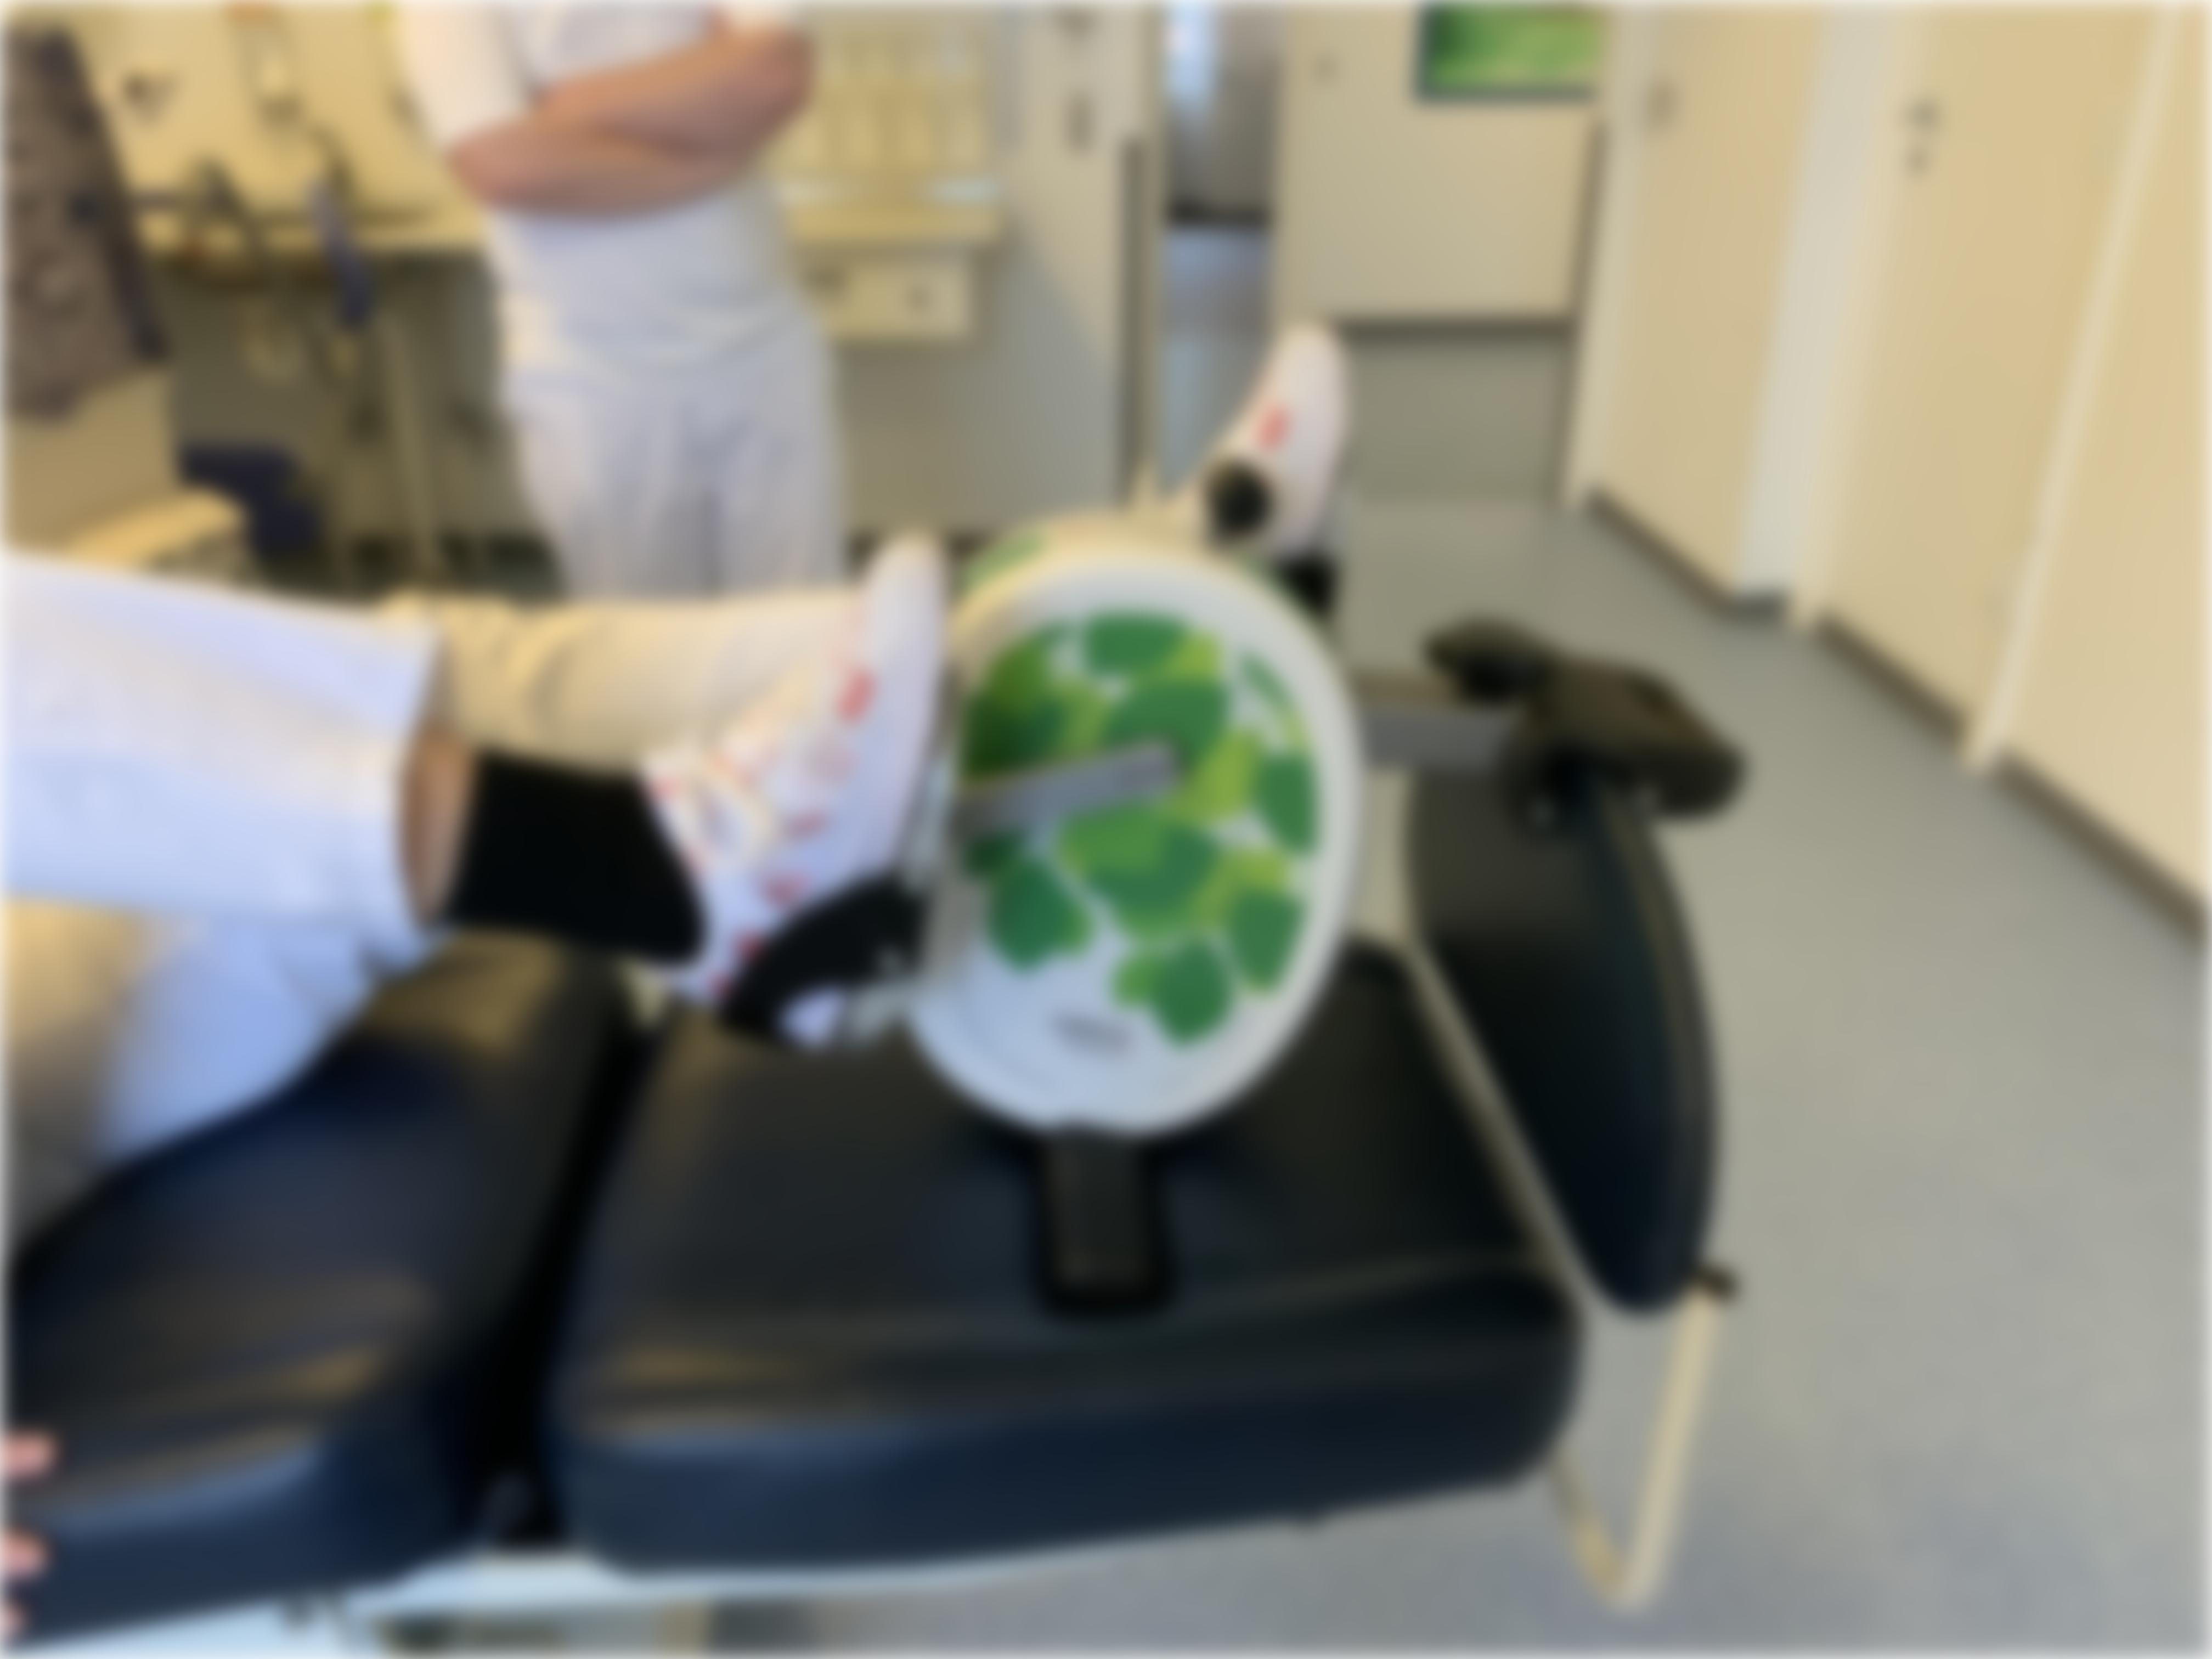 pédalier d´entraînement pour lit hospitallier.